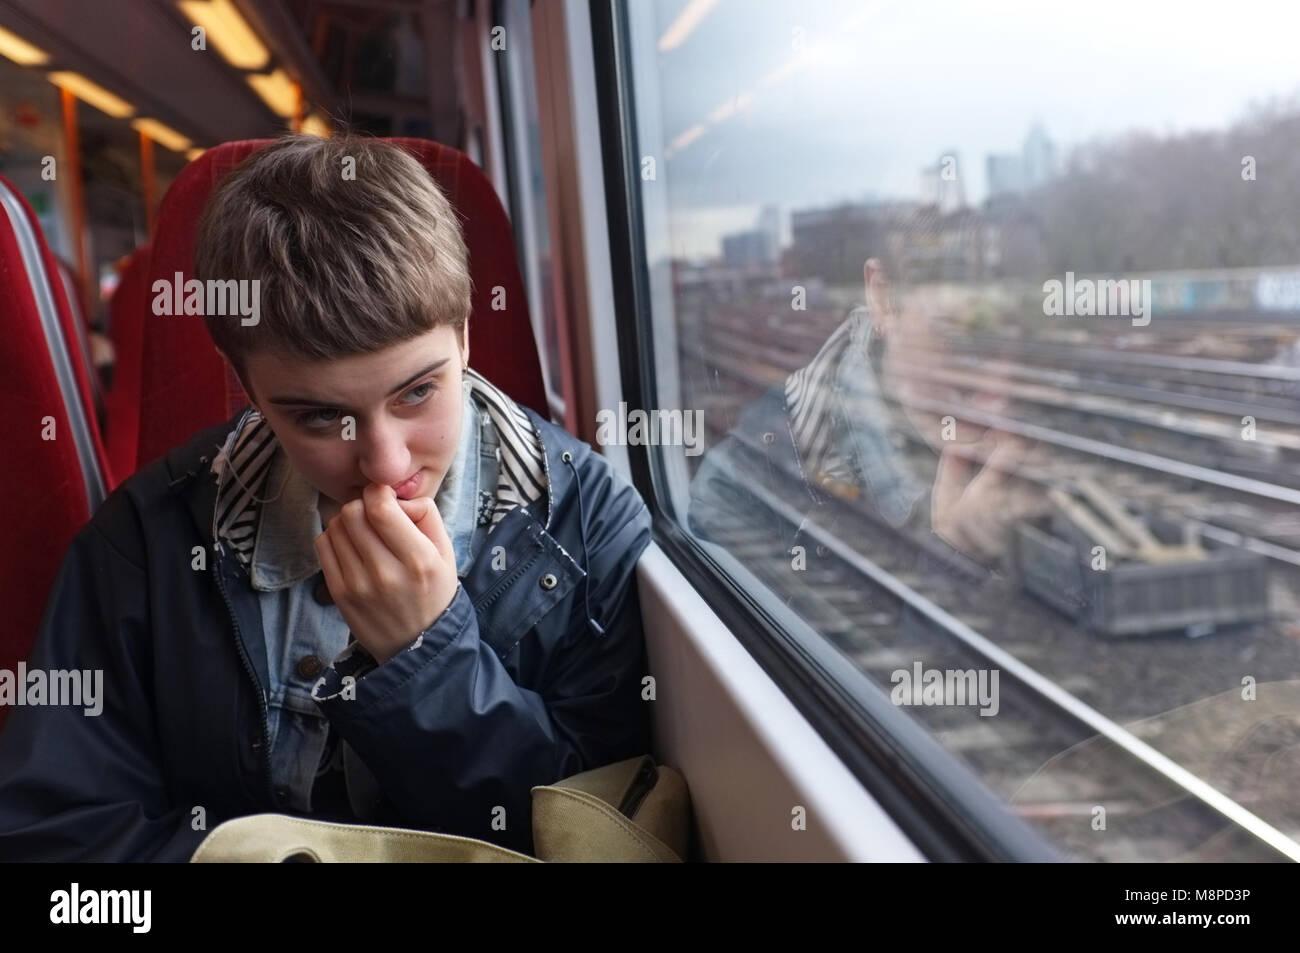 Una niña nervioso en un tren. Imagen De Stock